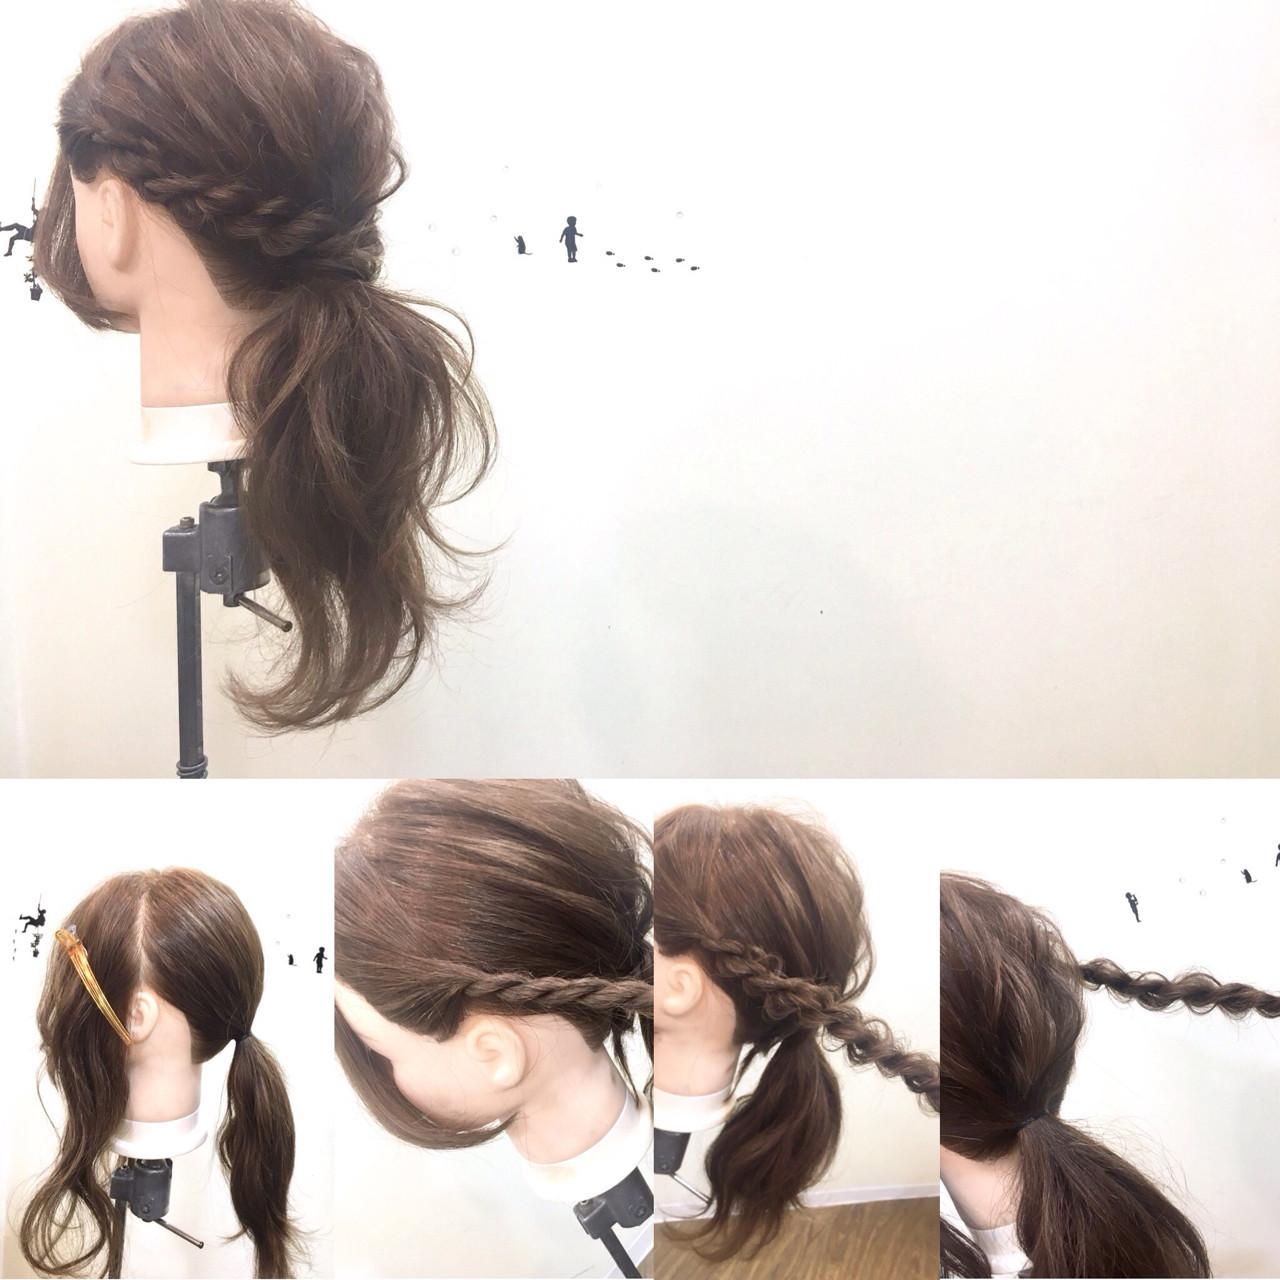 大人女子 ロング フェミニン ローポニーテール ヘアスタイルや髪型の写真・画像